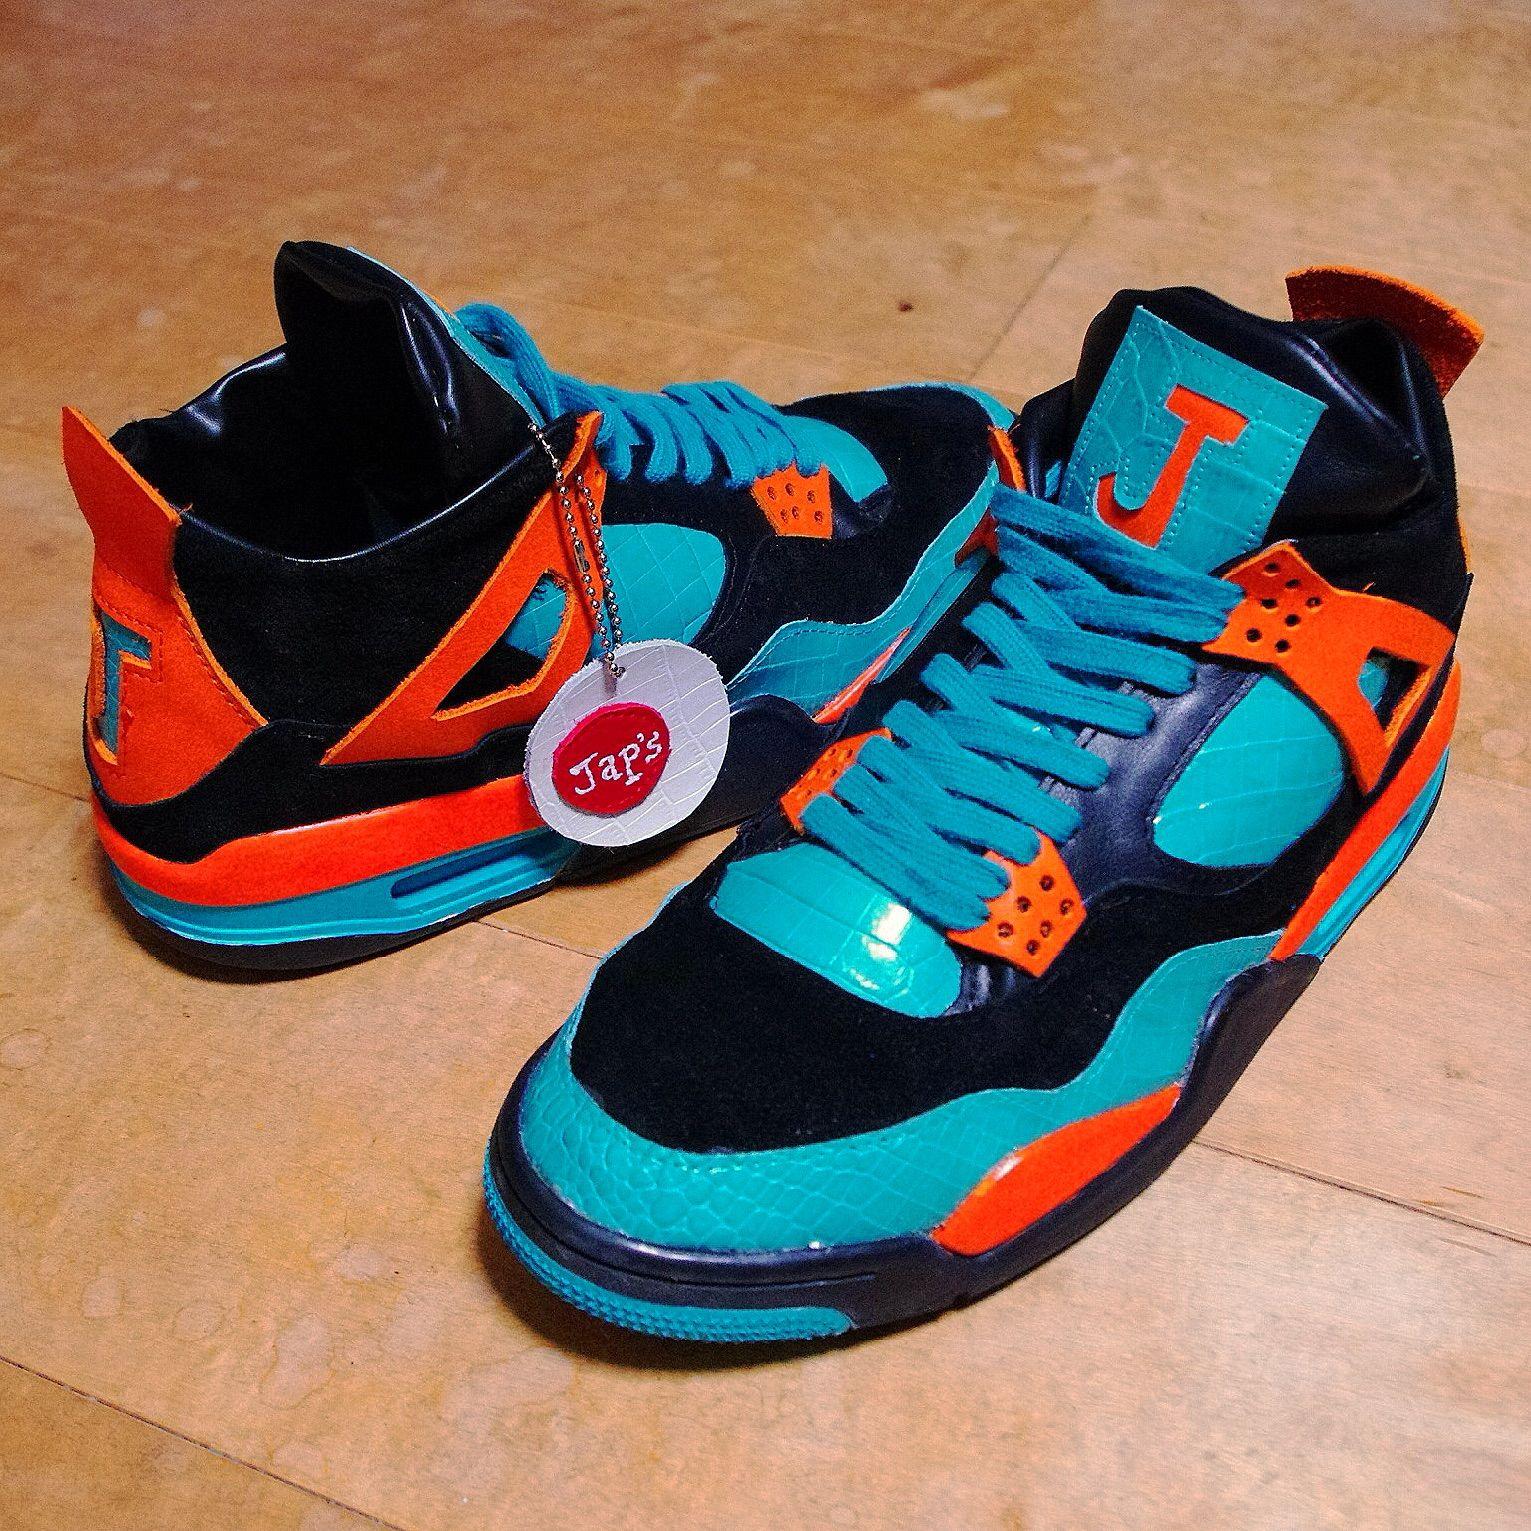 Nike Air Jordan 4 クロコカスタム 27cm 限定一足